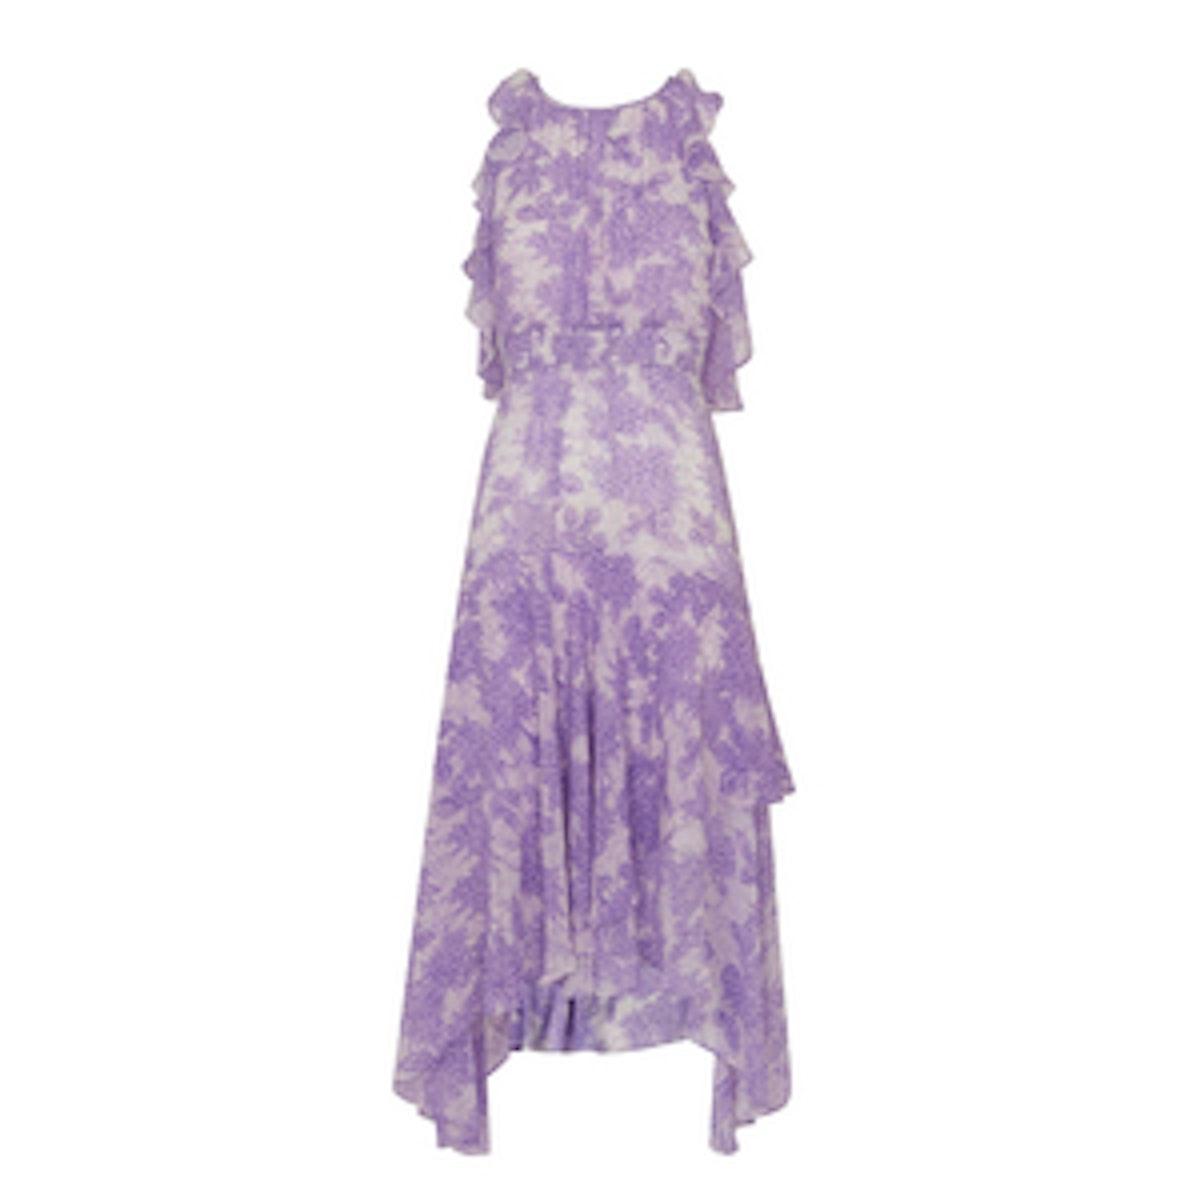 Anne Batik Lily Print Dress